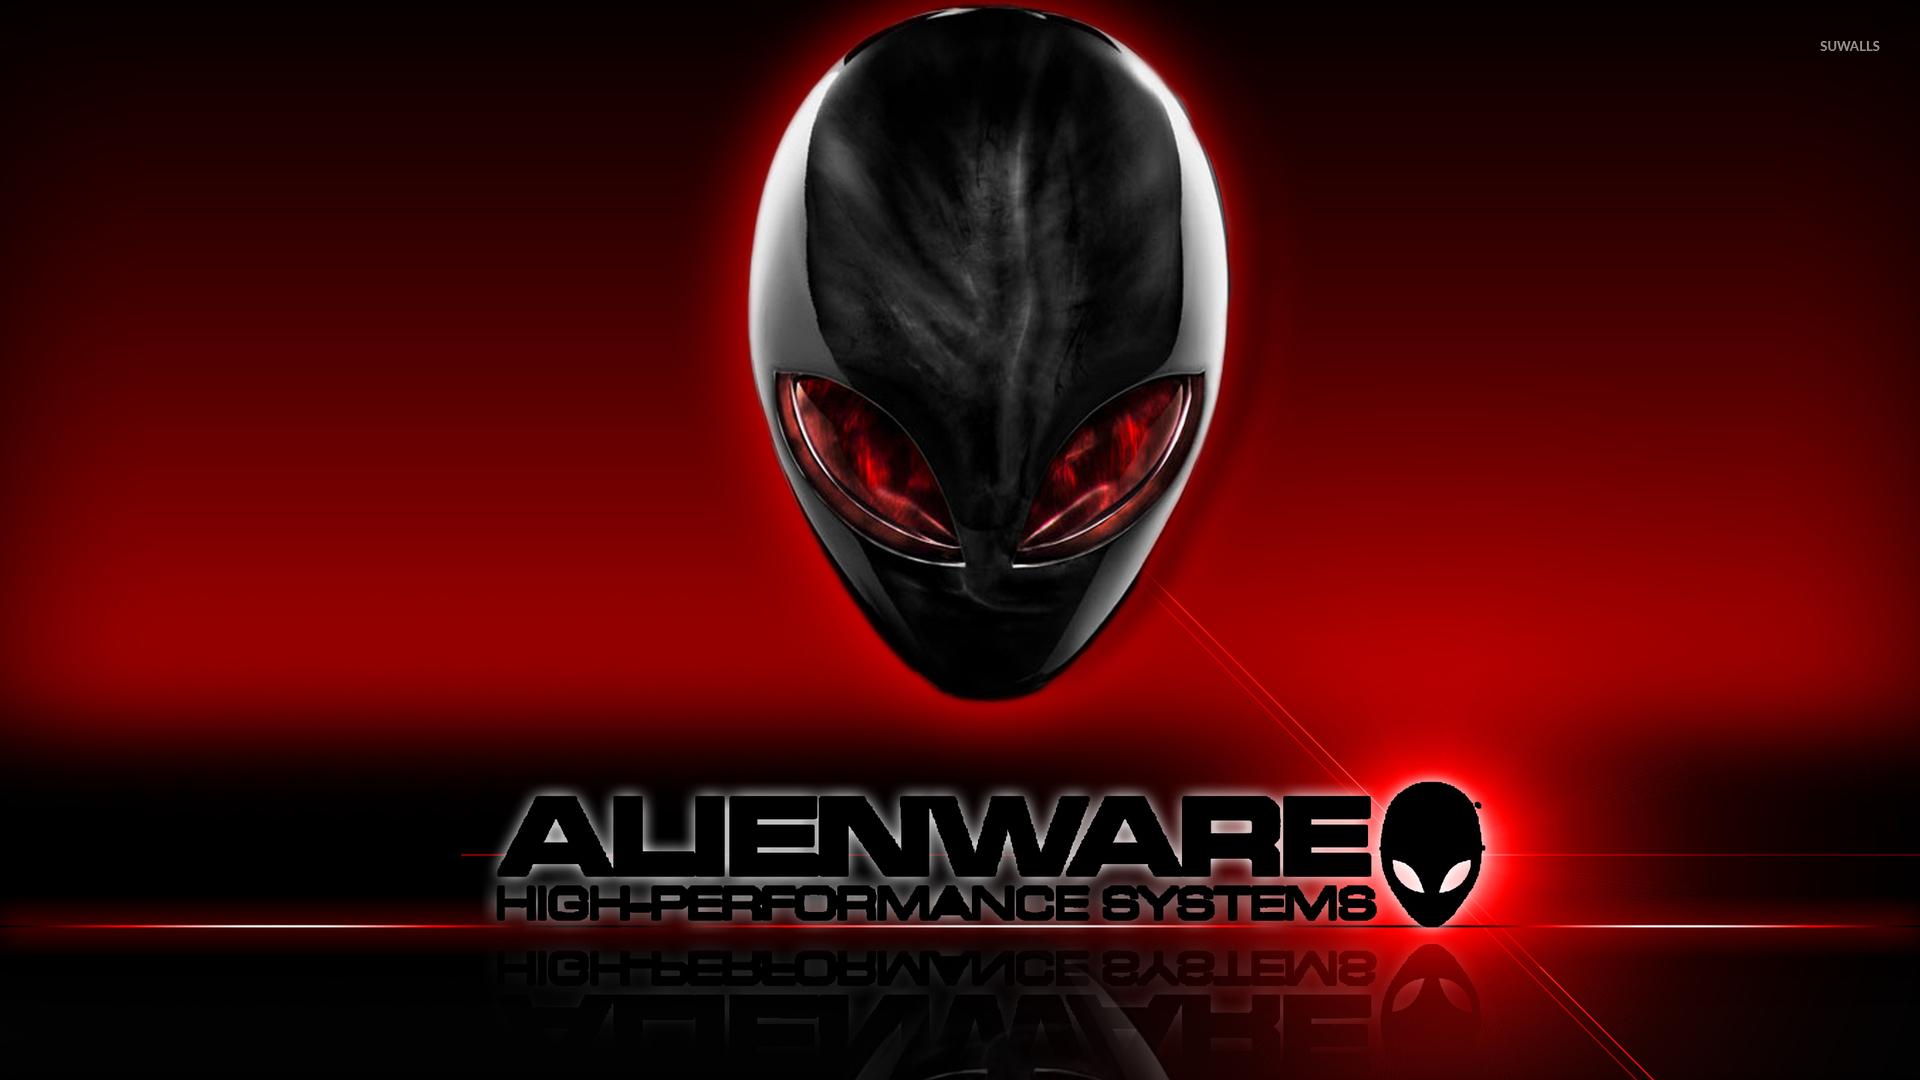 4K Alienware Wallpaper - WallpaperSafari